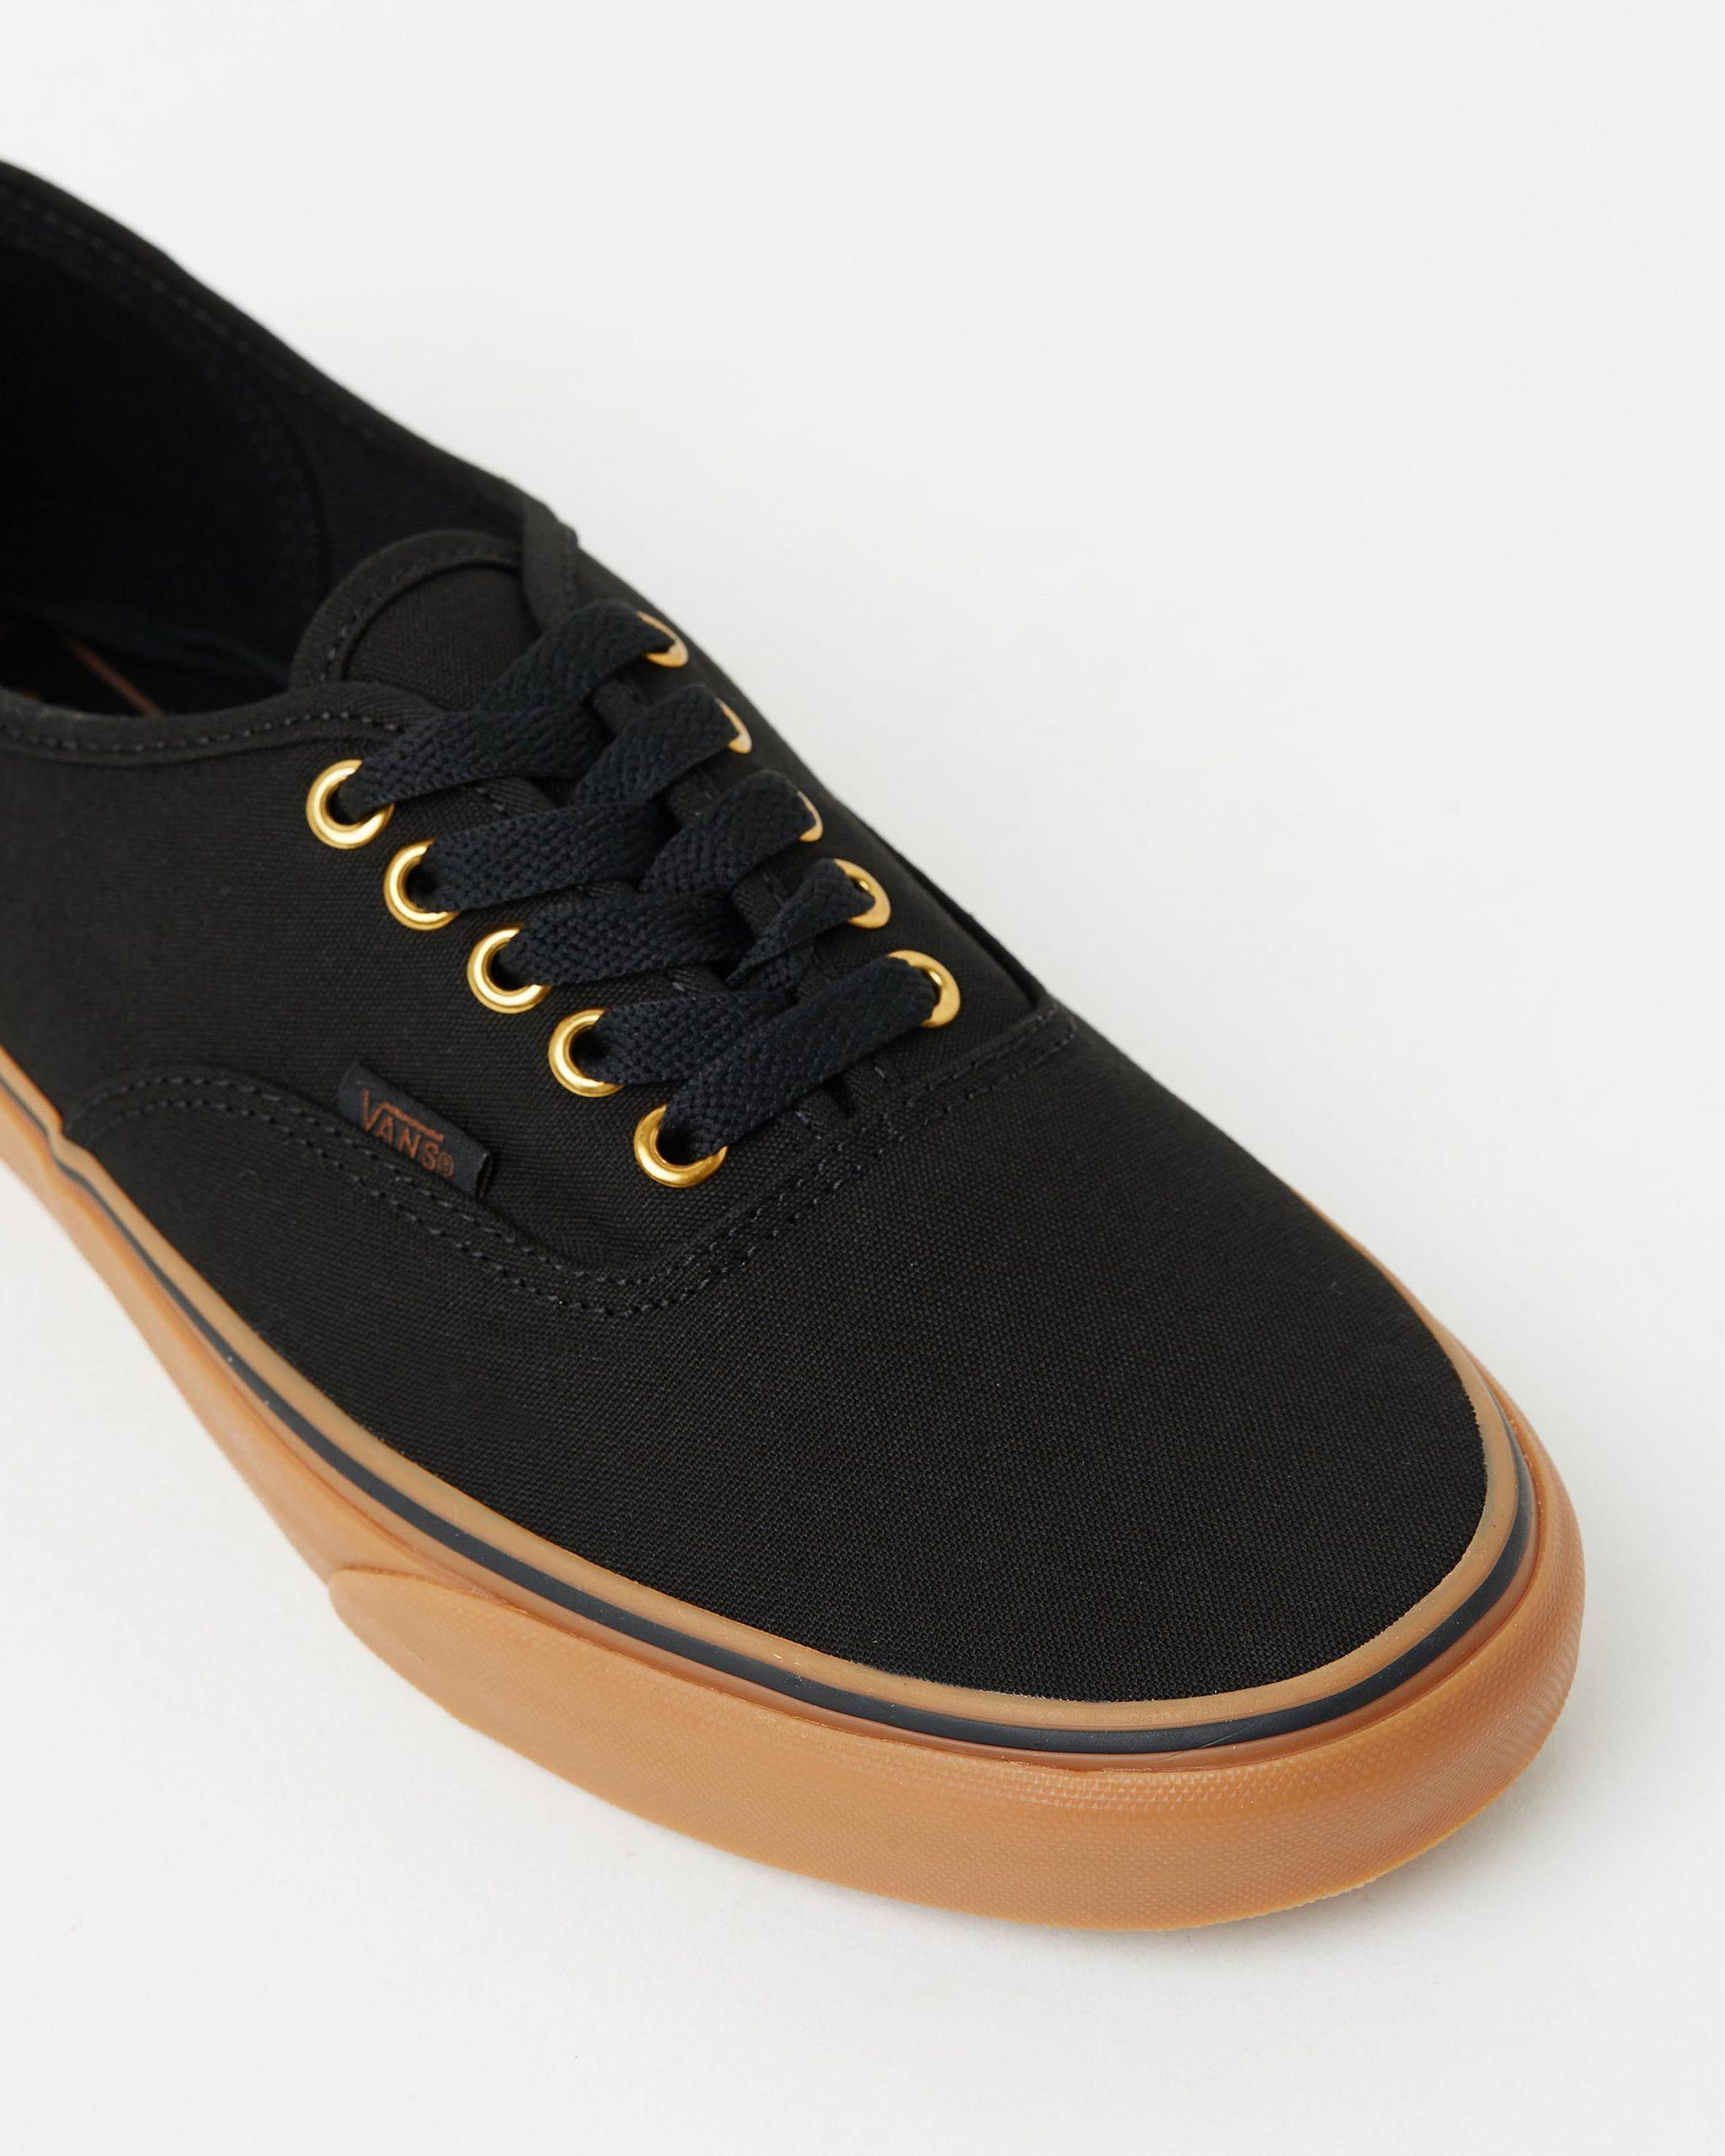 Vans Authentic Black \u0026 Rubber Men's